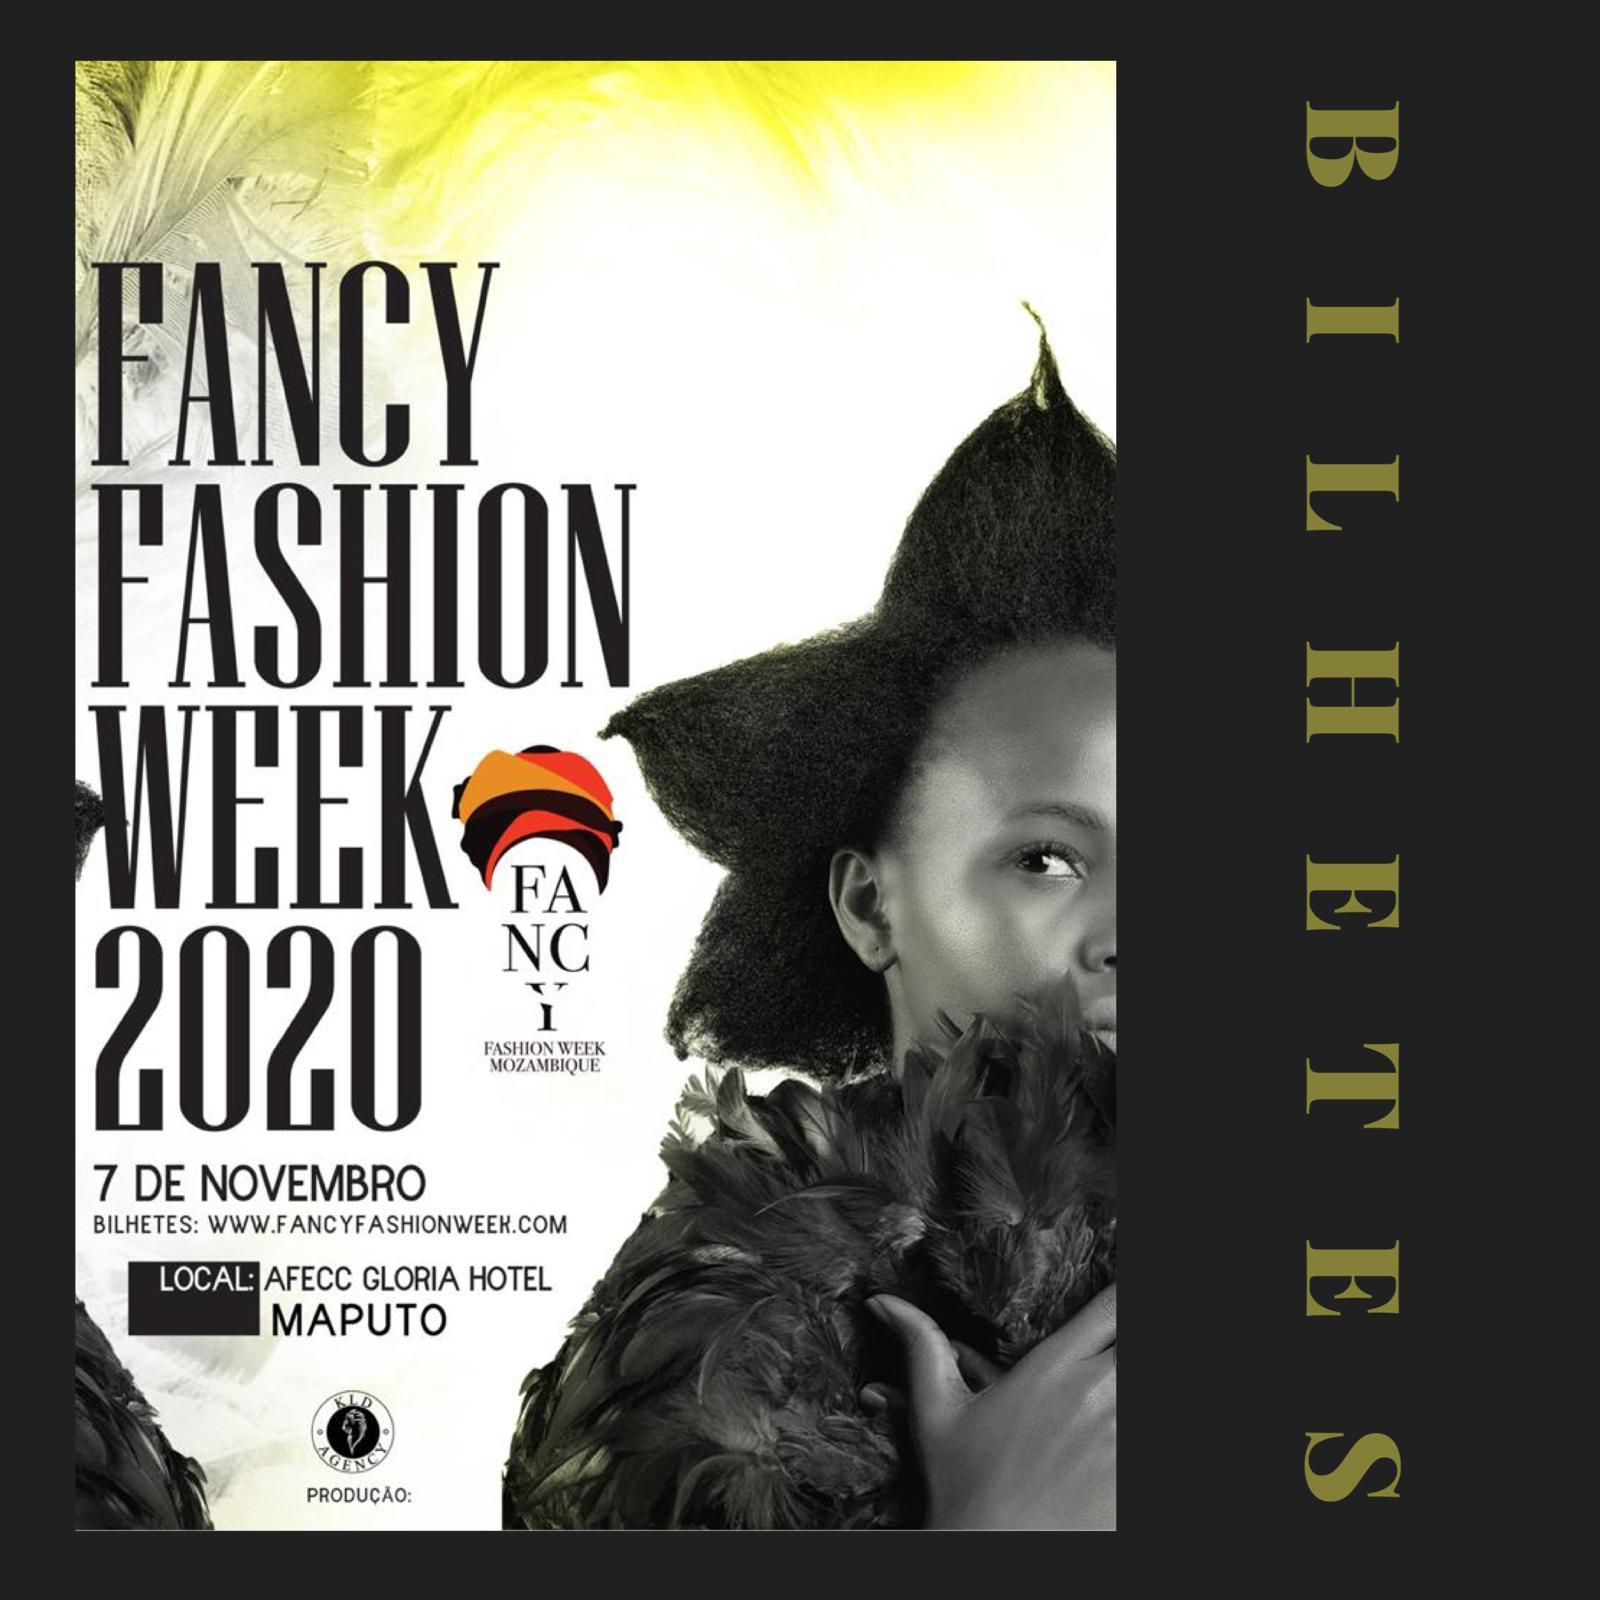 Contagem regressiva para a semana da moda em Maputo